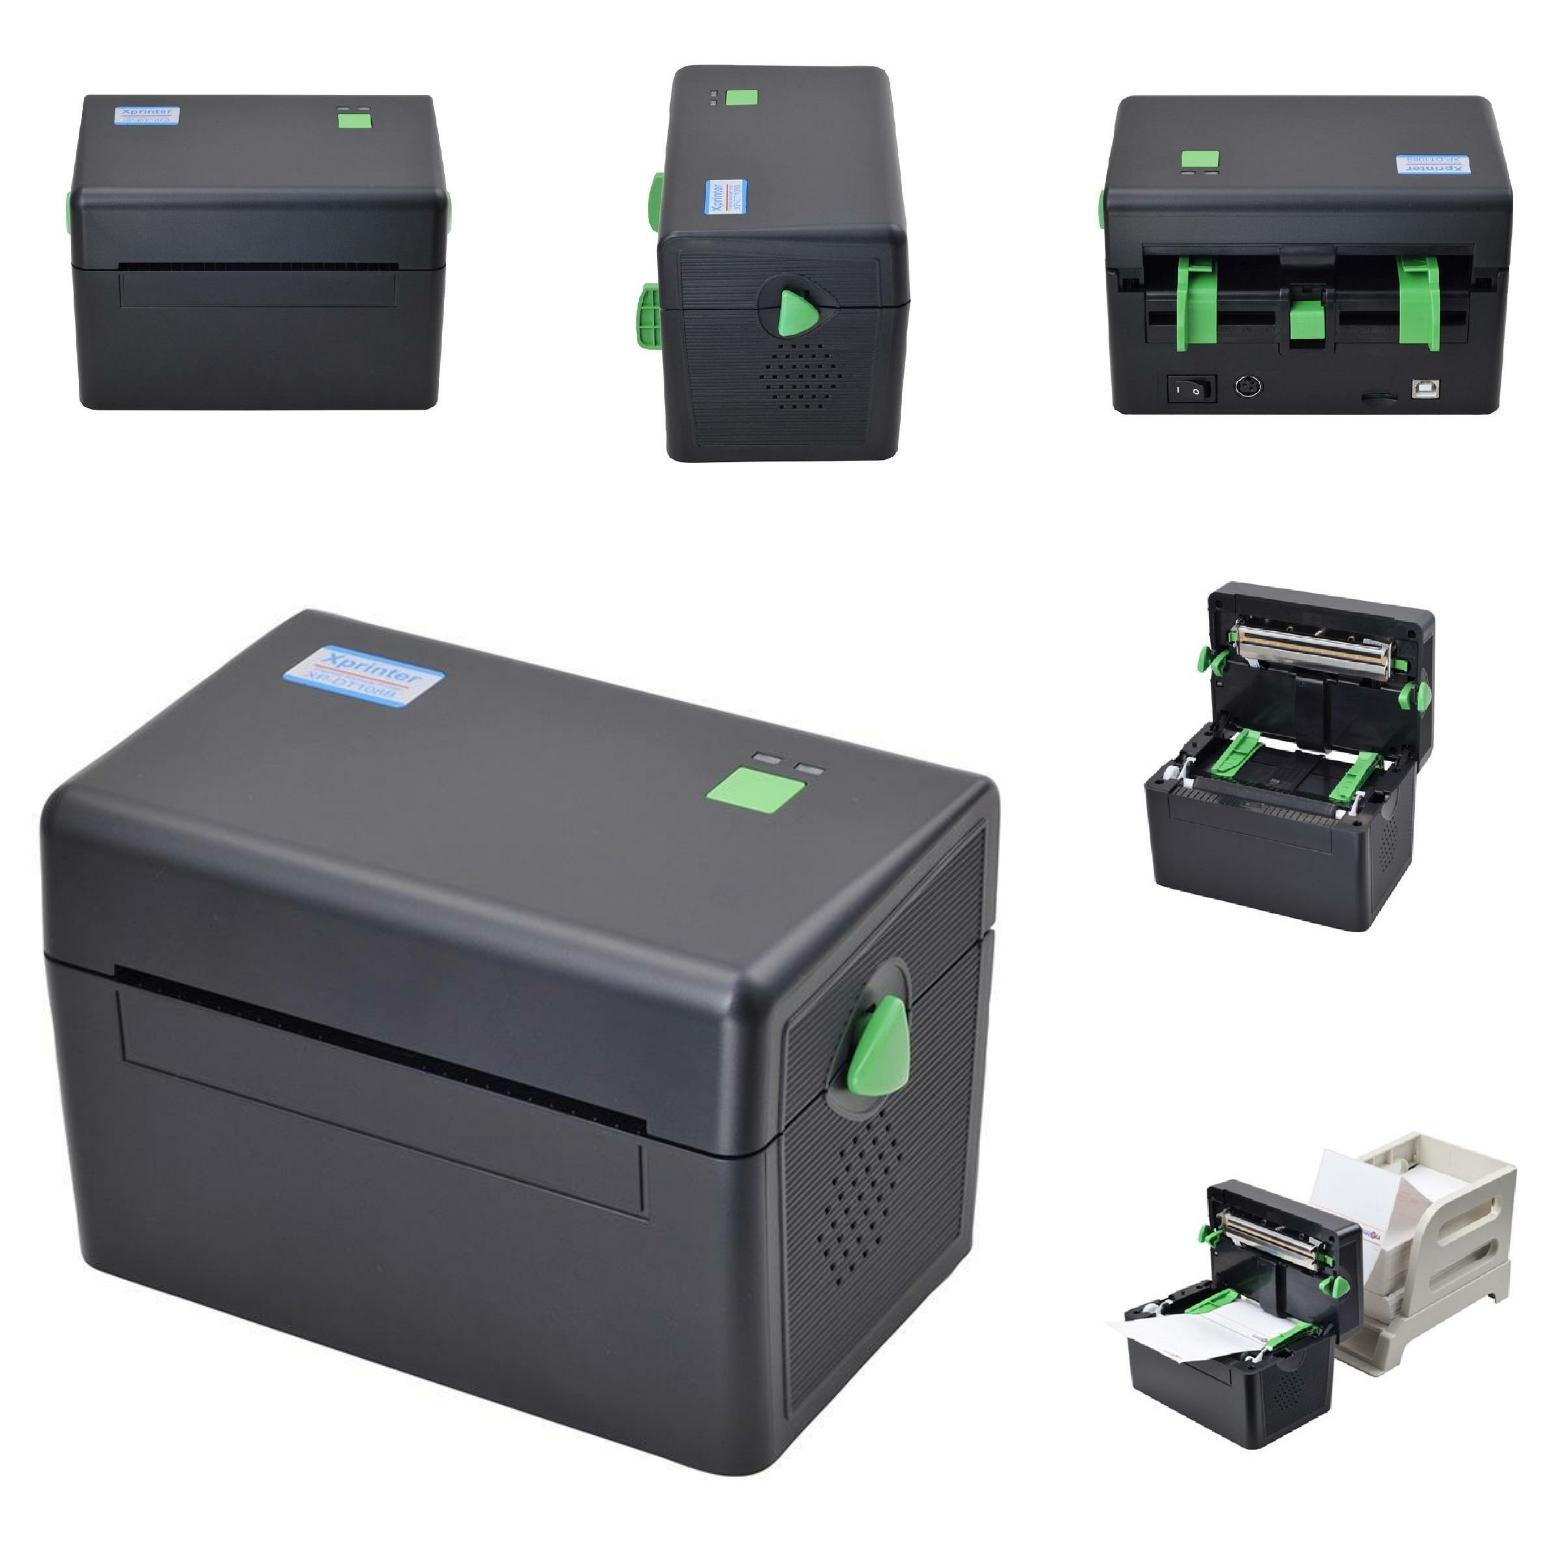 Xprinter DT108B